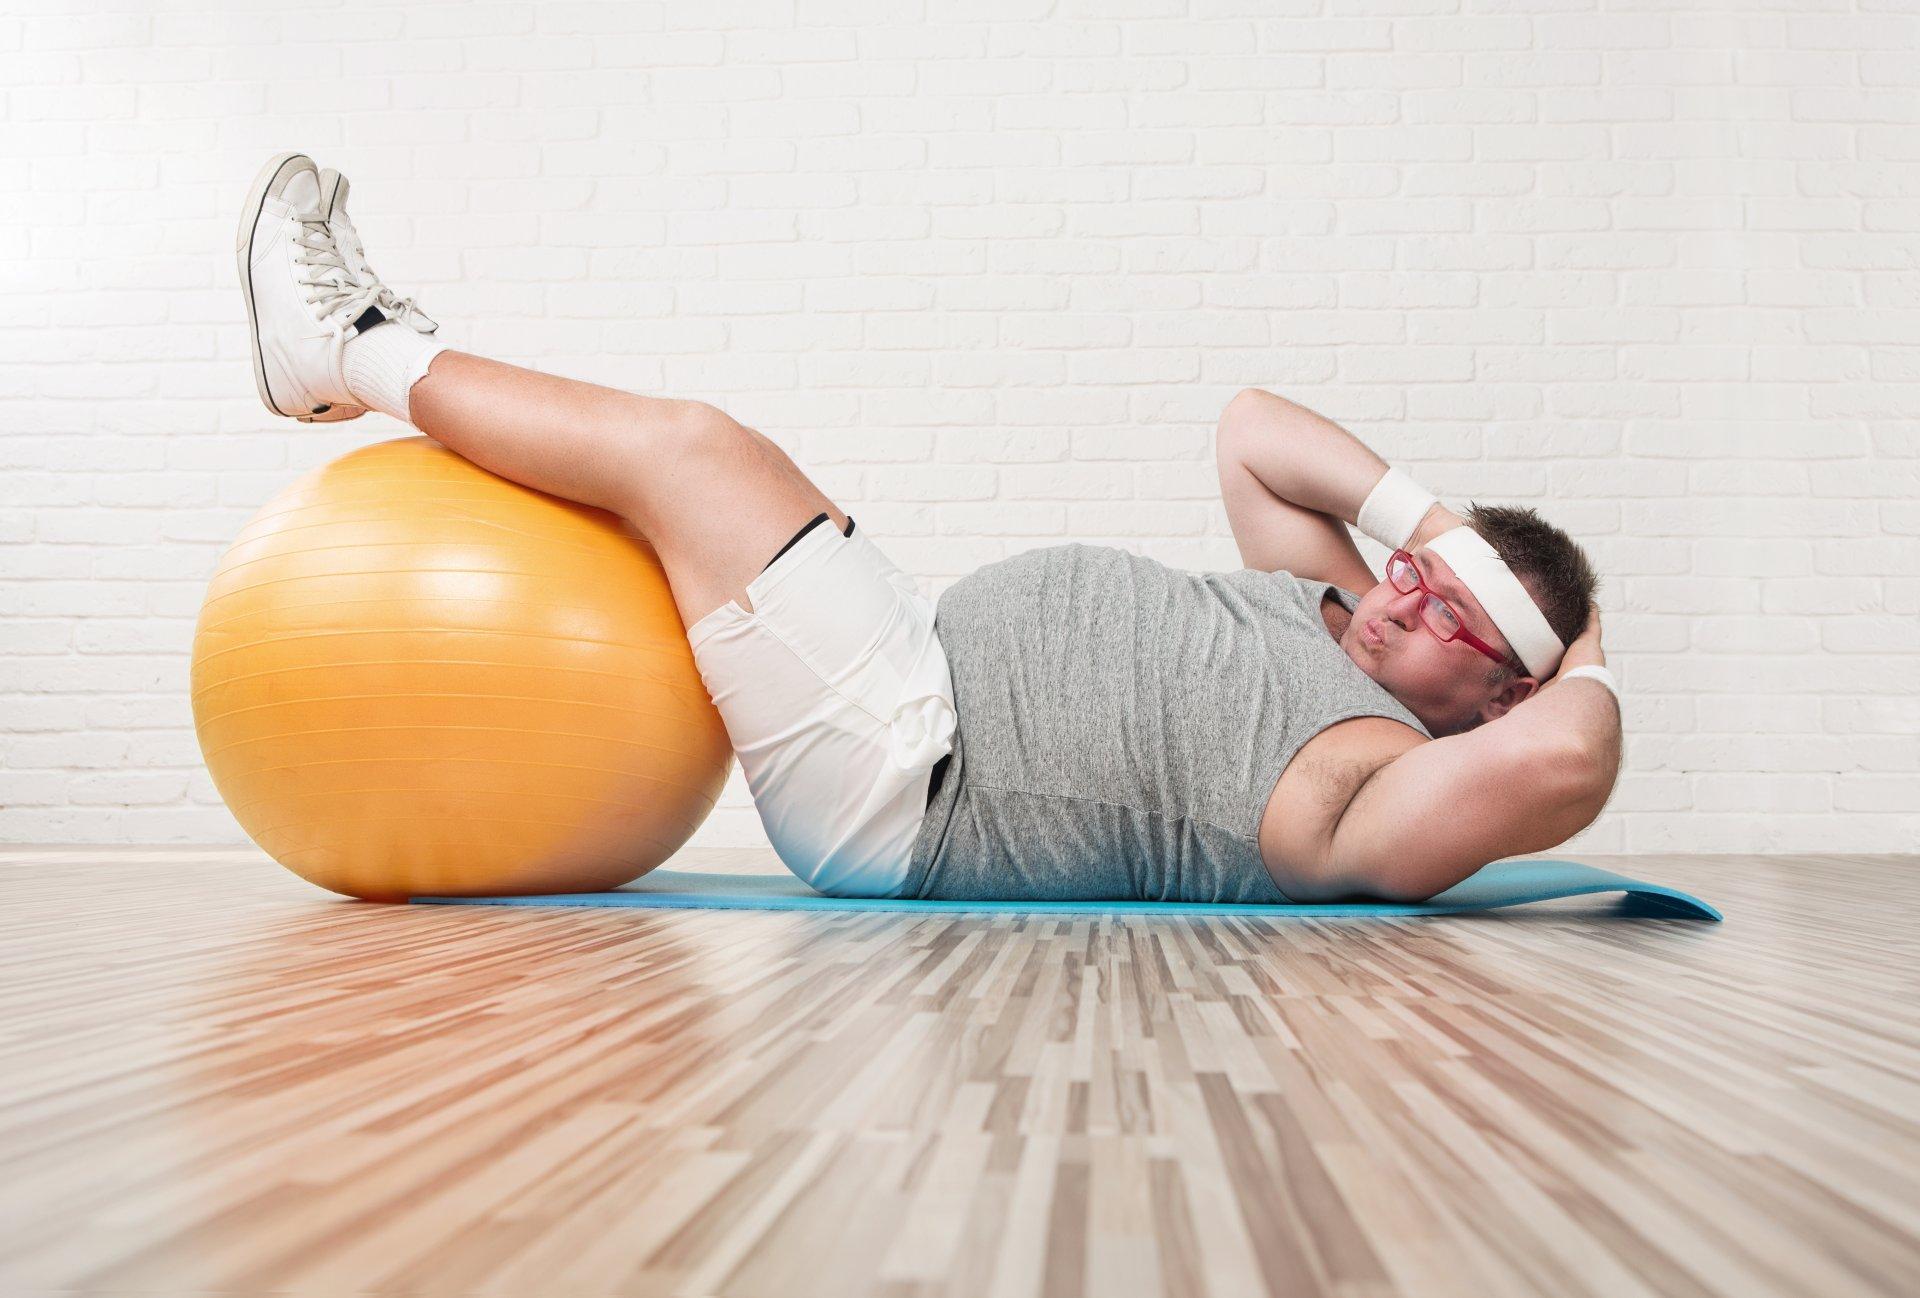 Соотношение веса и роста у бегунов на длинные дистанции